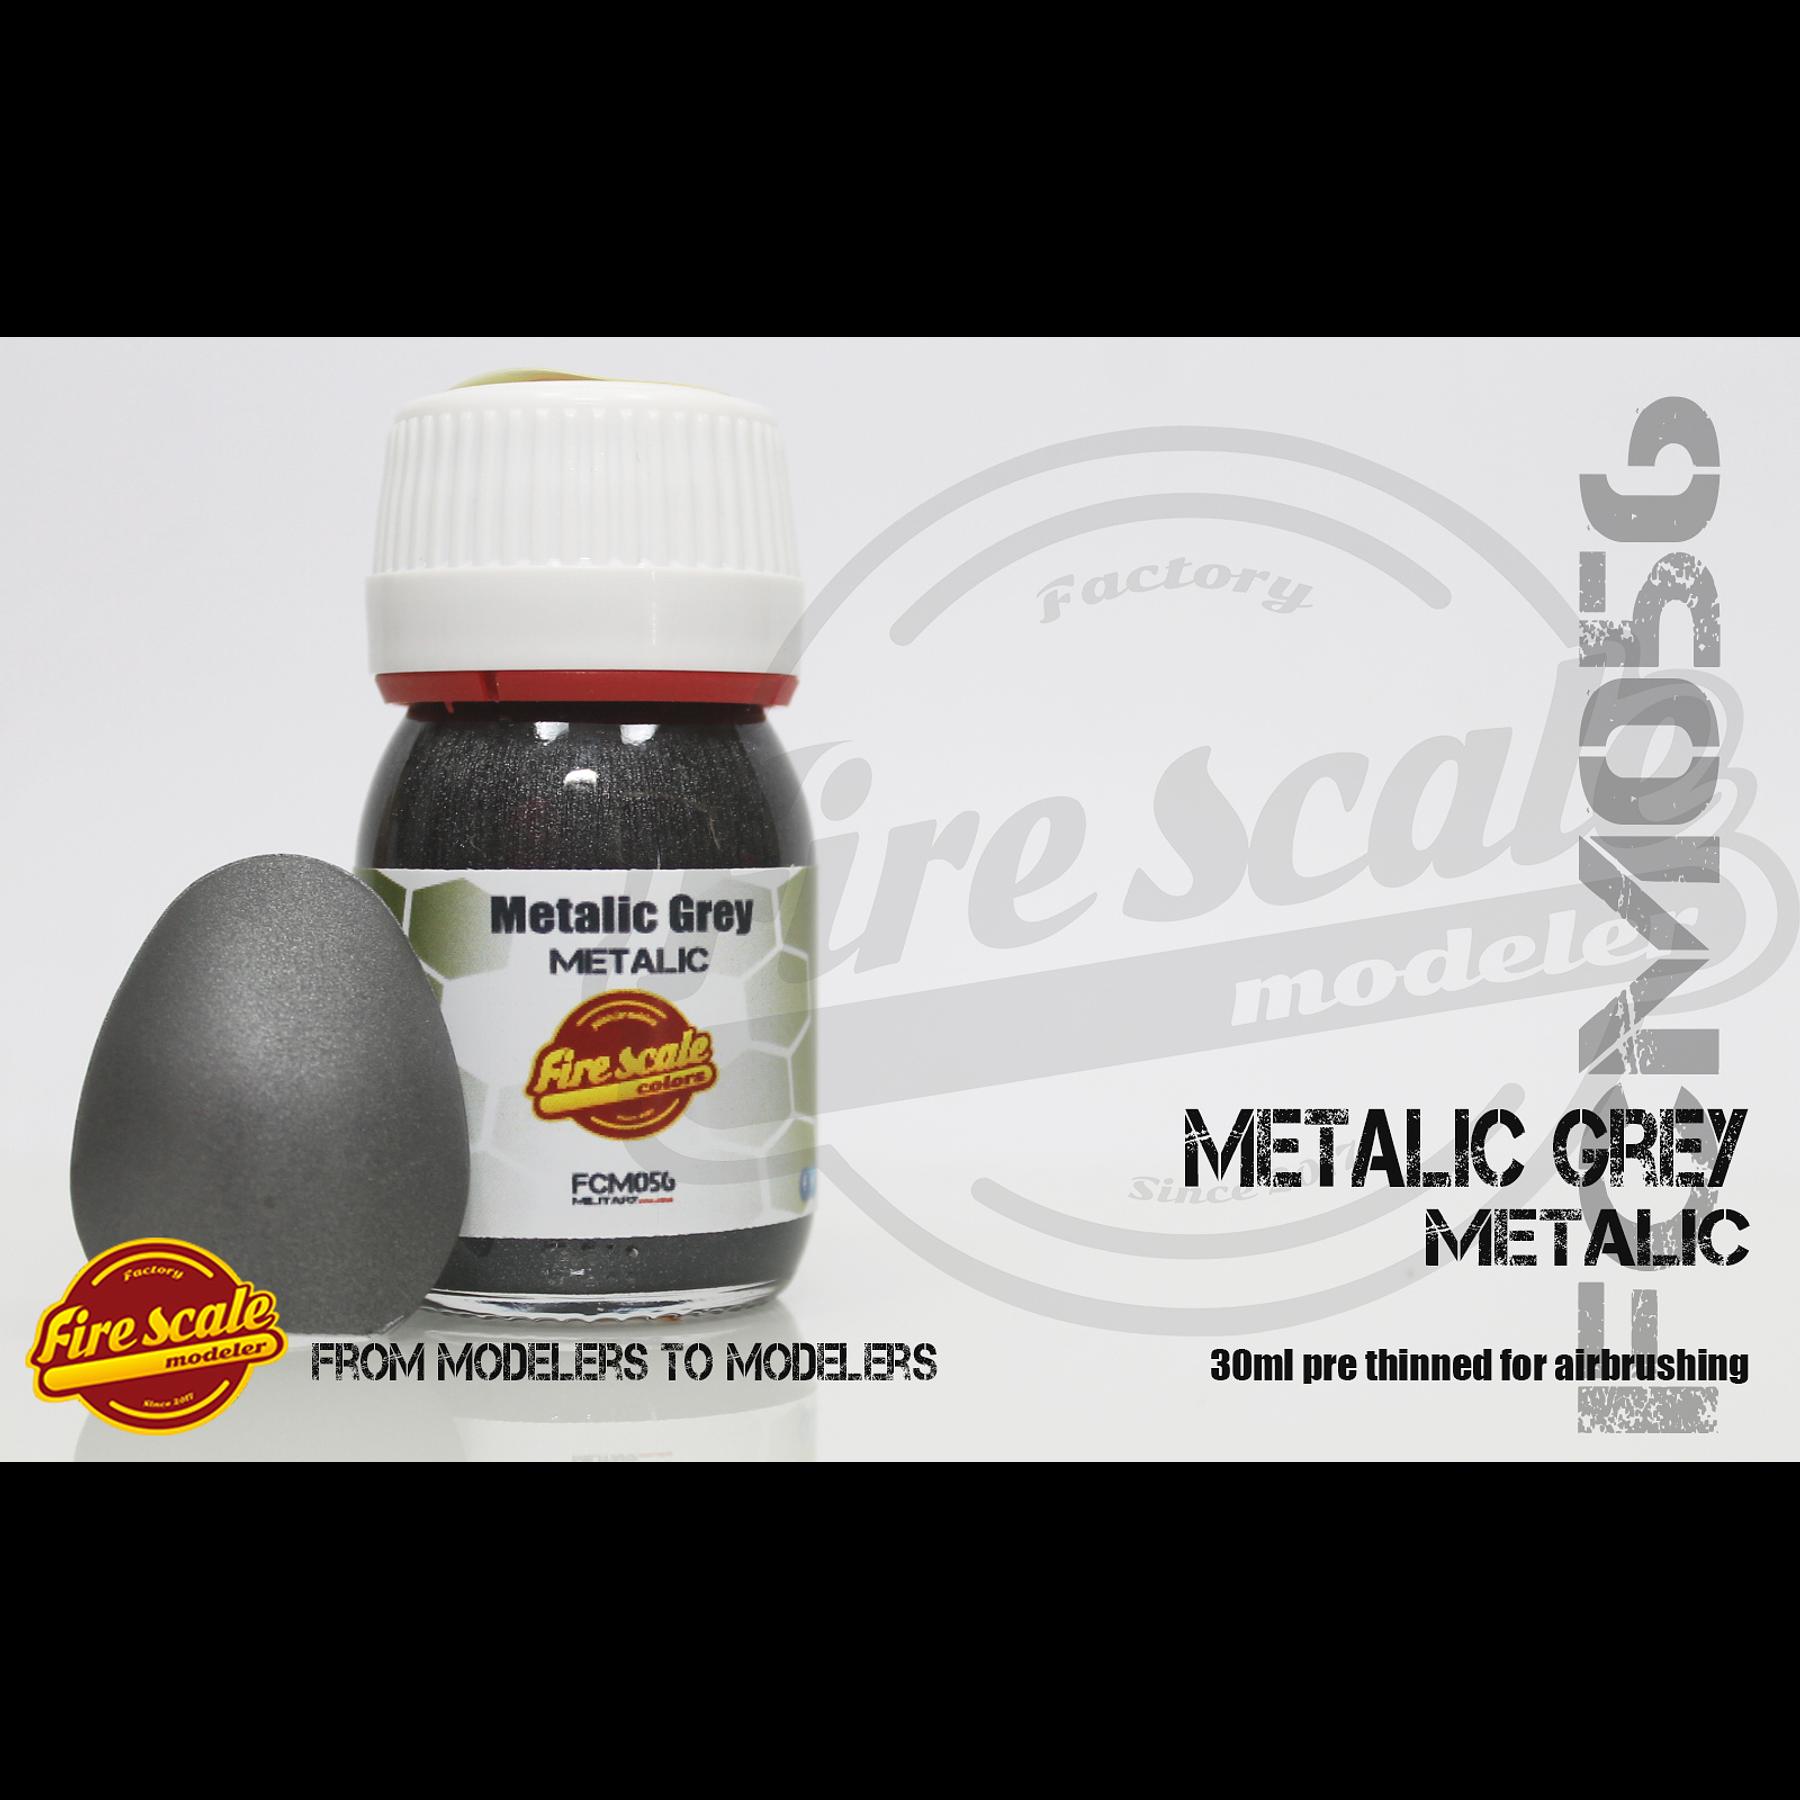 Metalic Grey